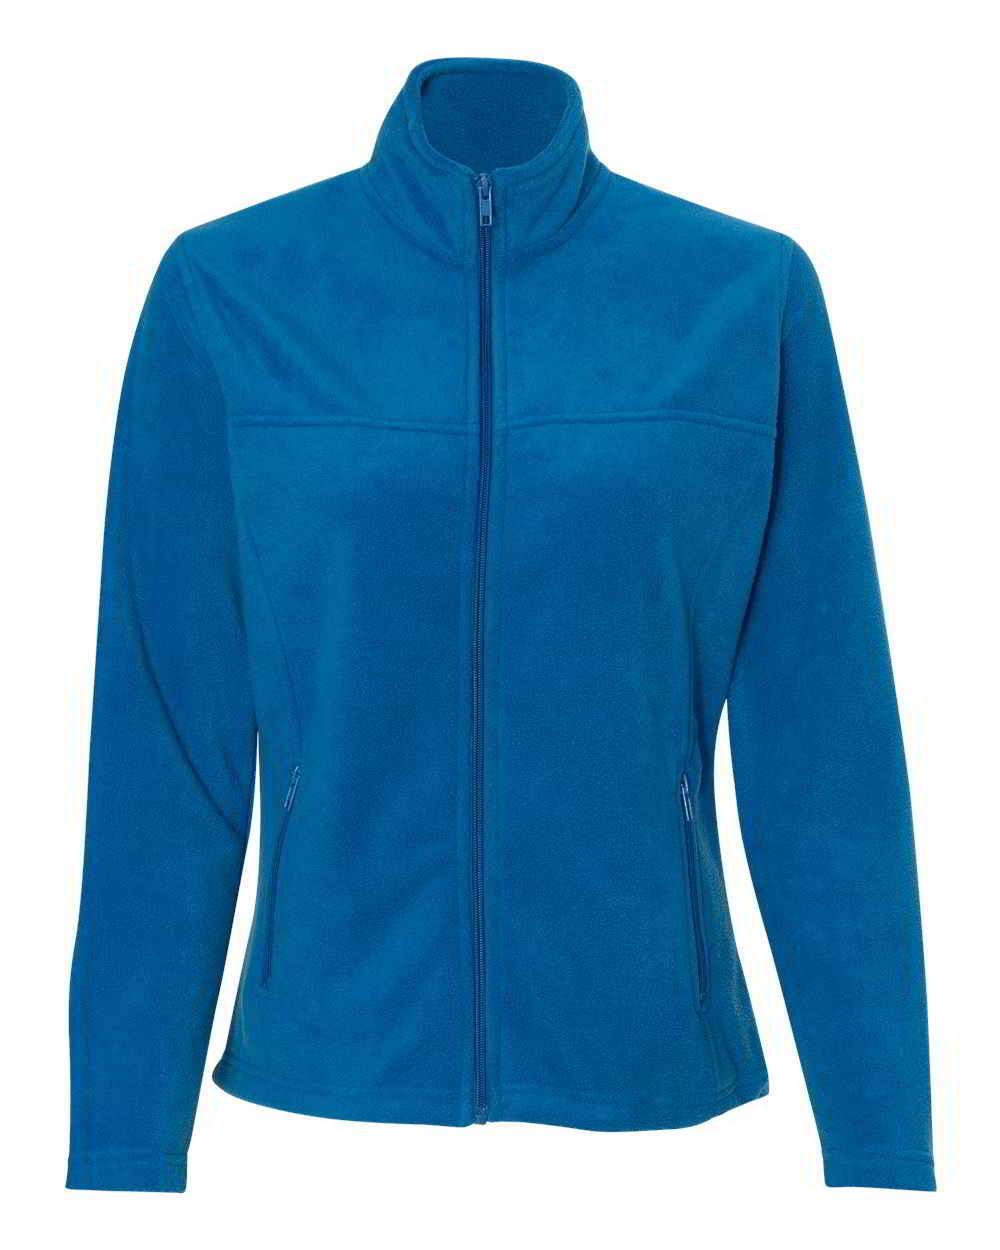 Colorado Clothing Ladies Coat Women/'s Sport Fleece Full-Zip Jacket